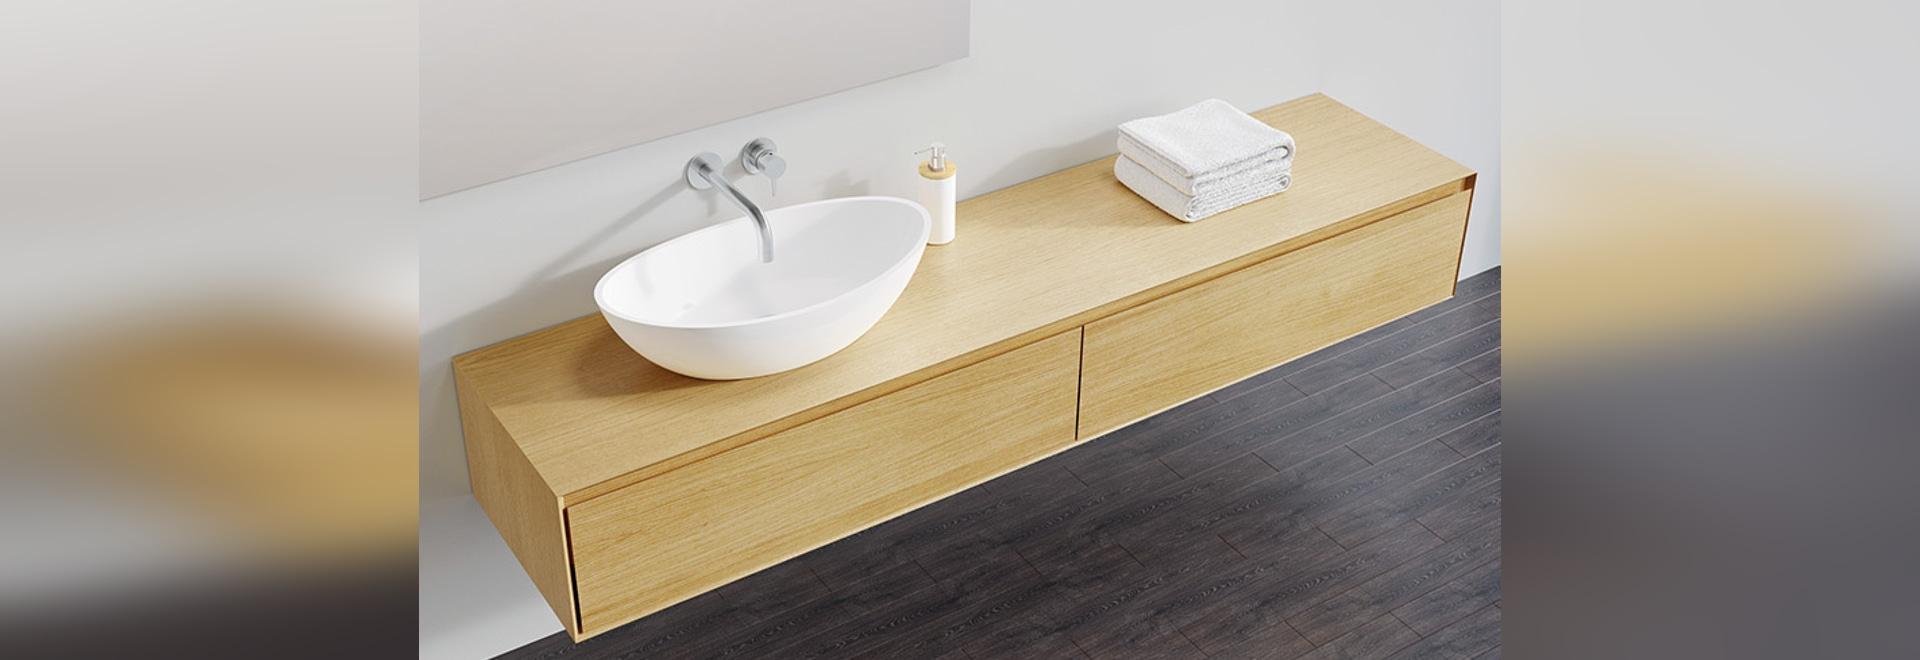 Badeloft - Bathroom Furniture